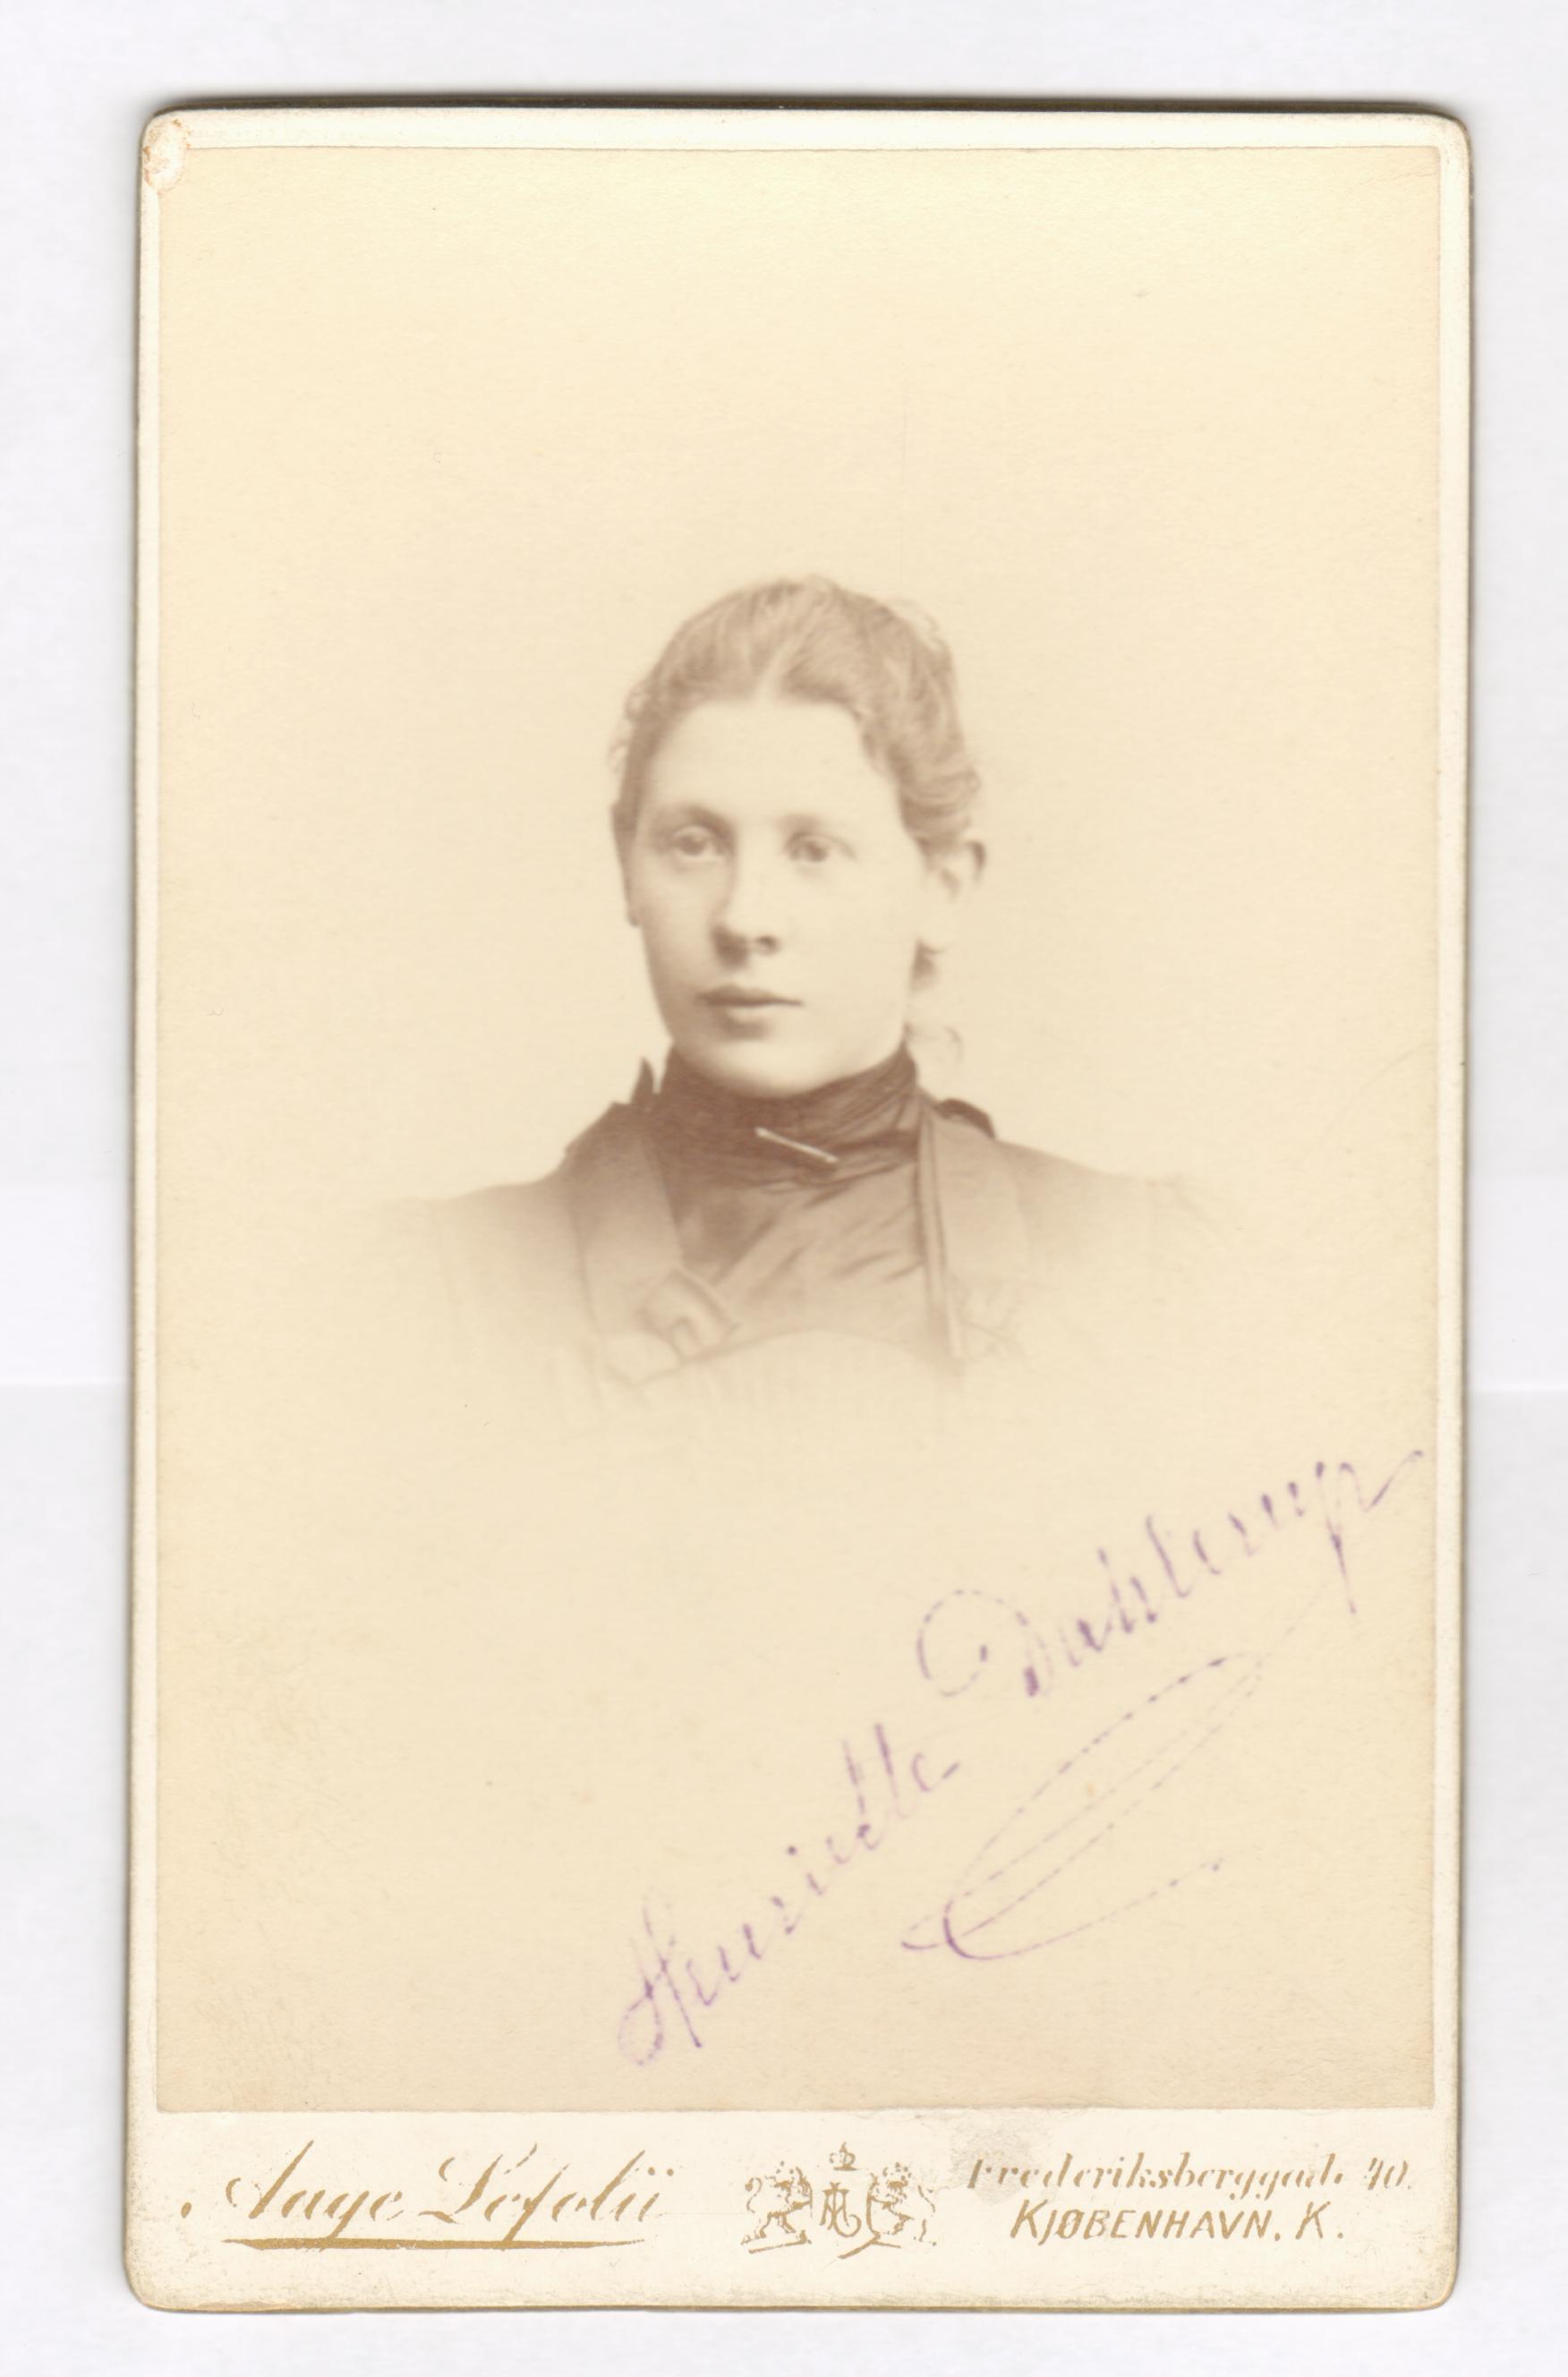 75.50  Henriette Dahlerup, ukendt årstal  Fotograf Aage Lefolii, Frederiksberggade 40, København